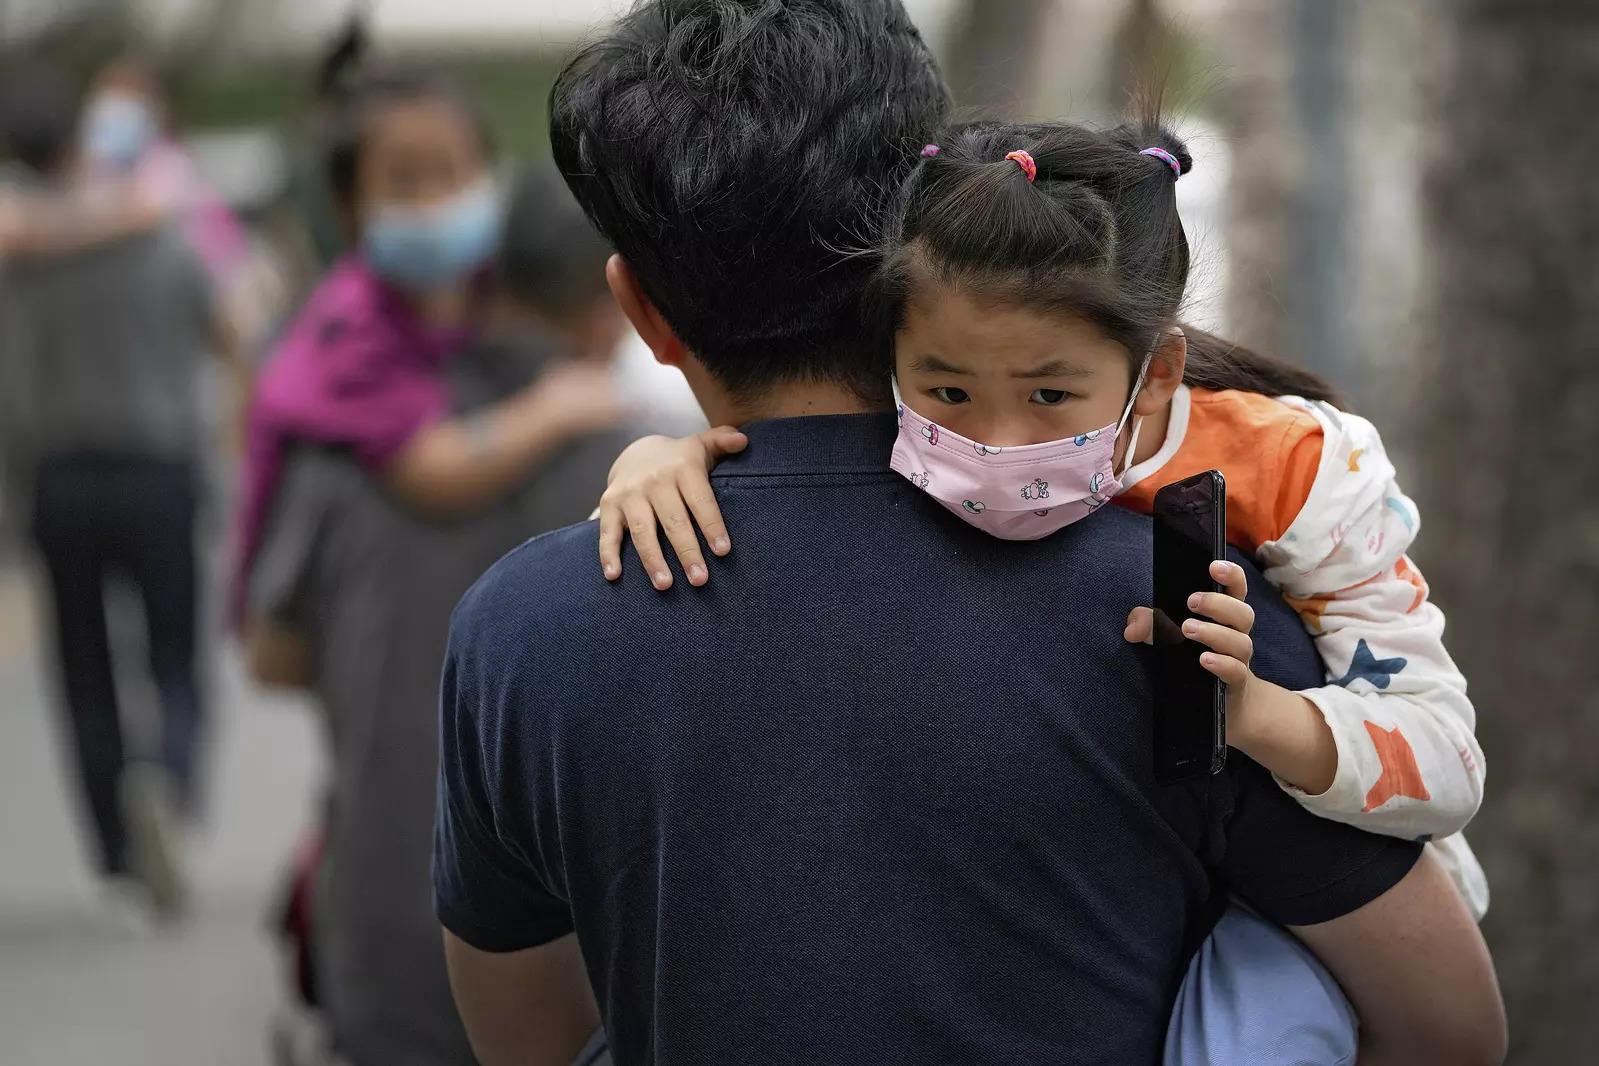 चीन के बच्चे कोविड -19 टीकों की कतार में अगले हो सकते हैं